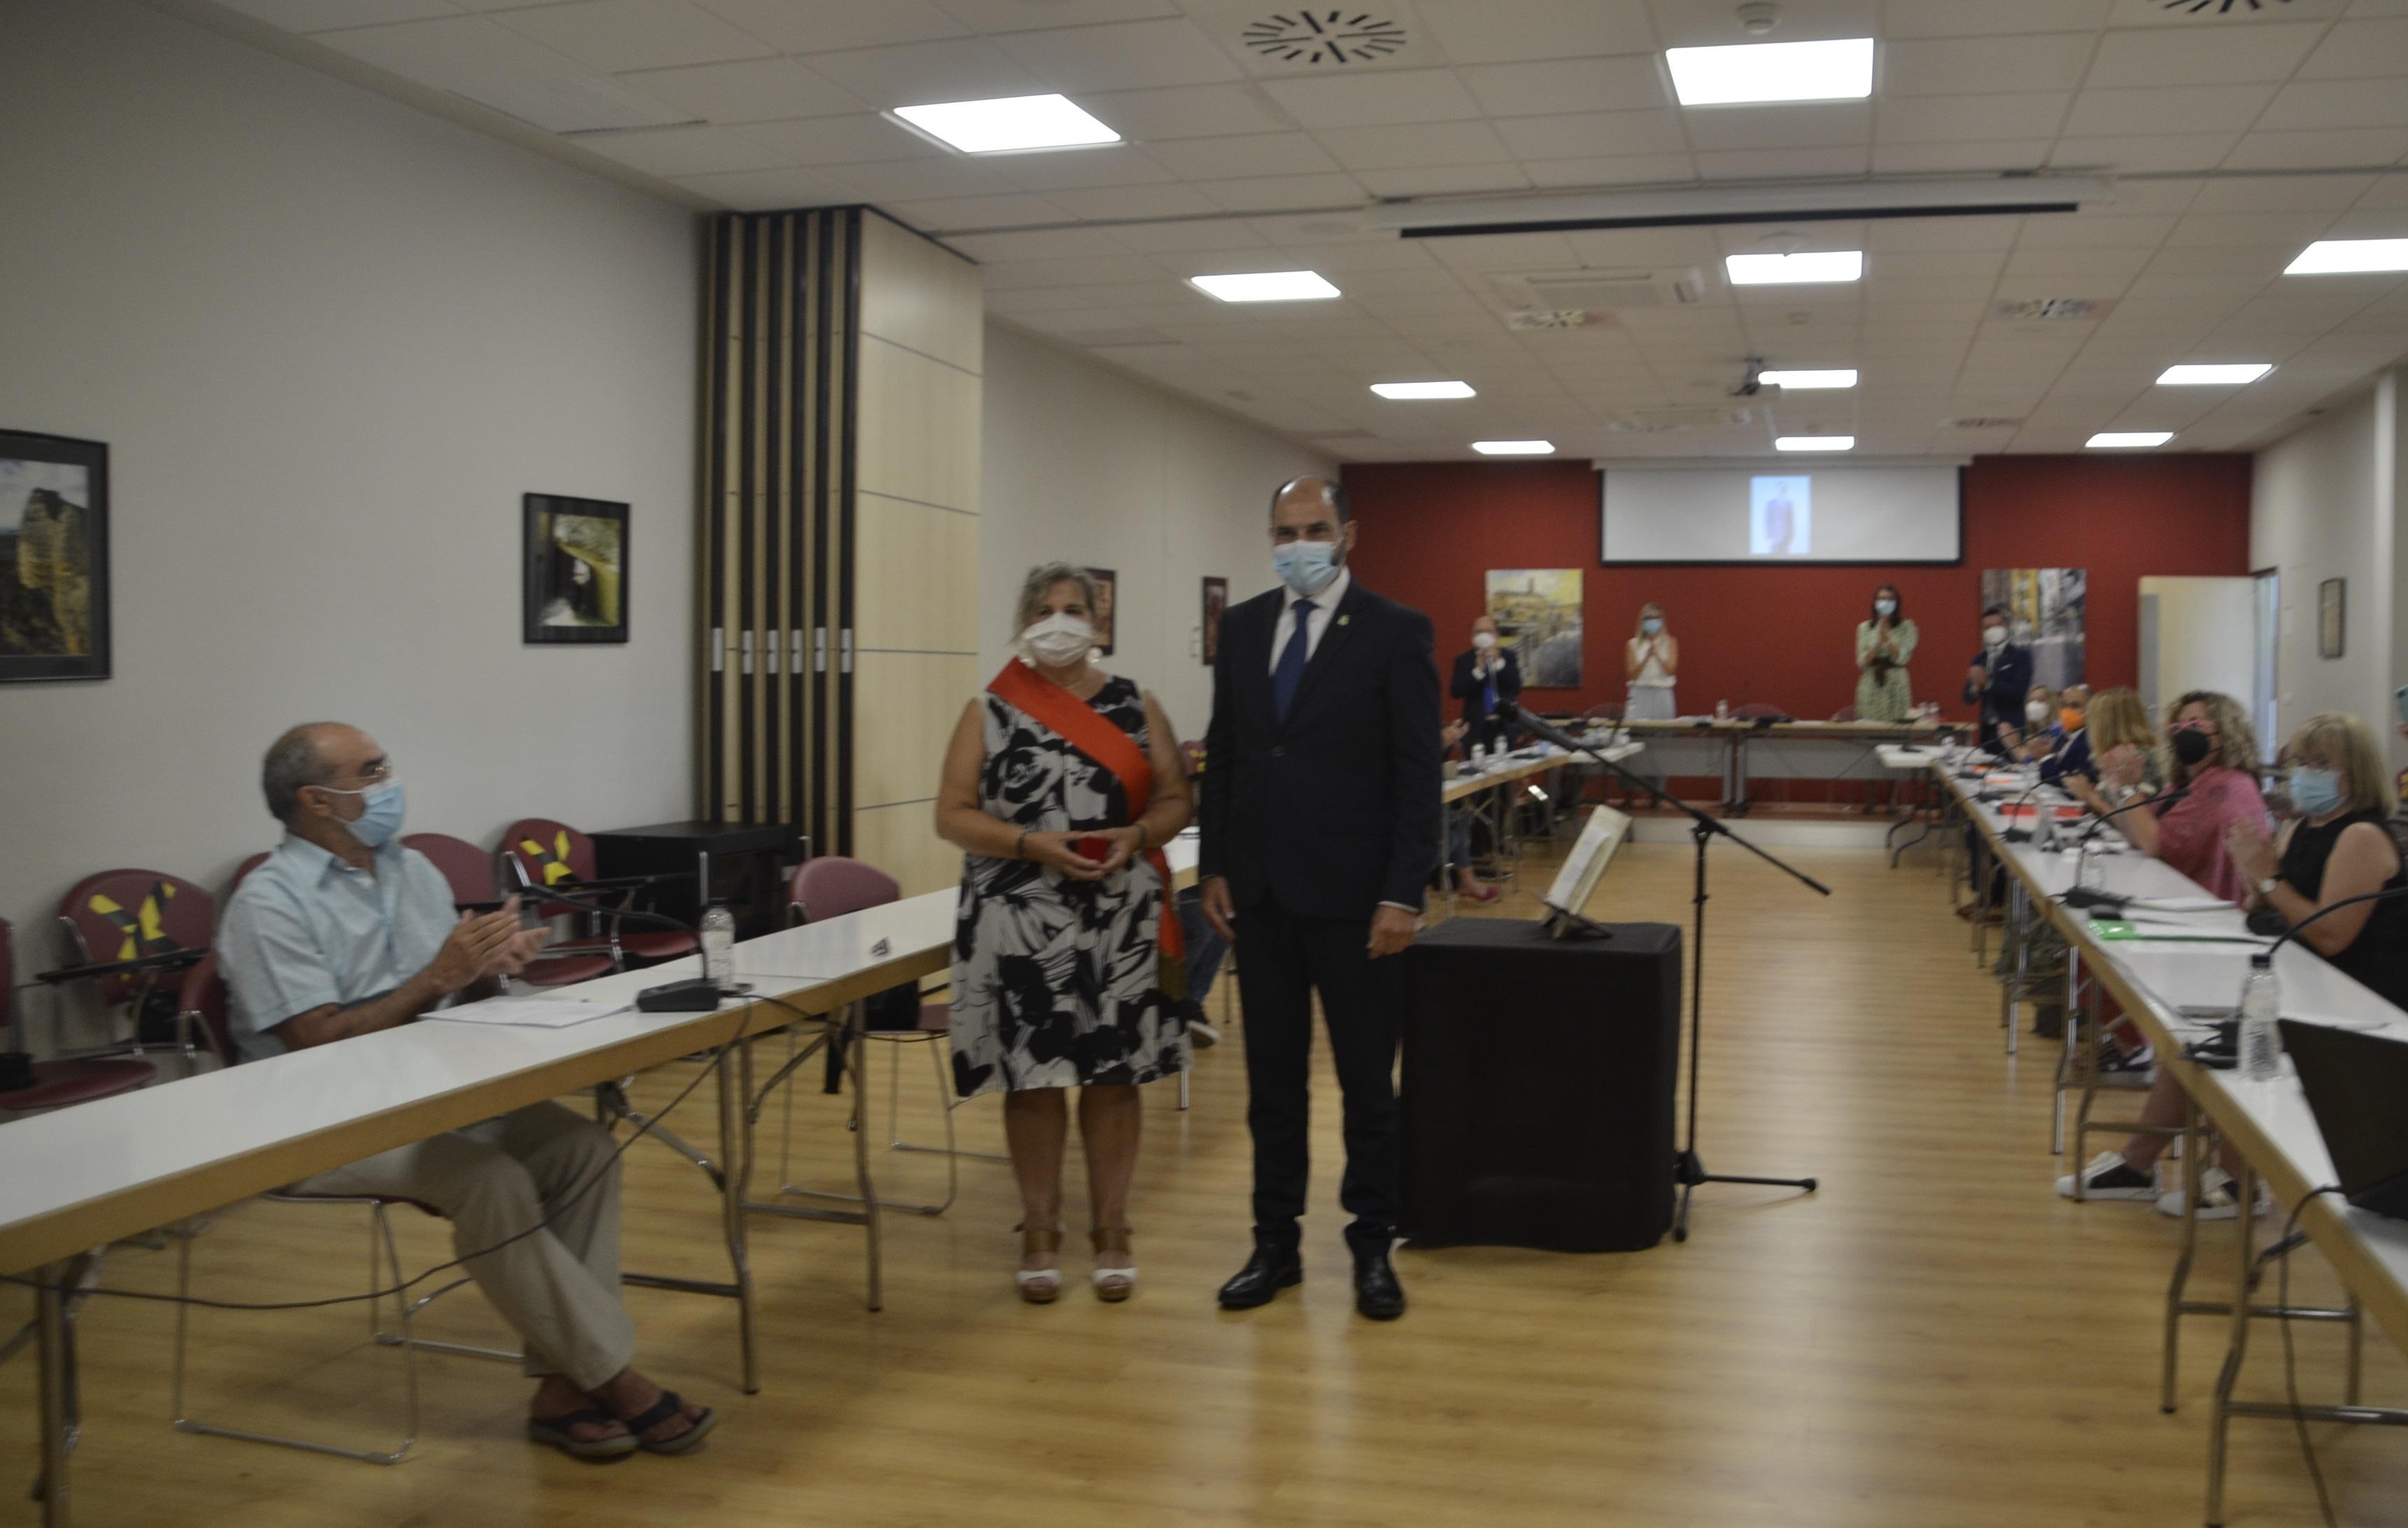 El pleno del Ayuntamiento de Barbastro aprueba el convenio para la transformación del Centro Asociado de la UNED de Fundación a Consorcio